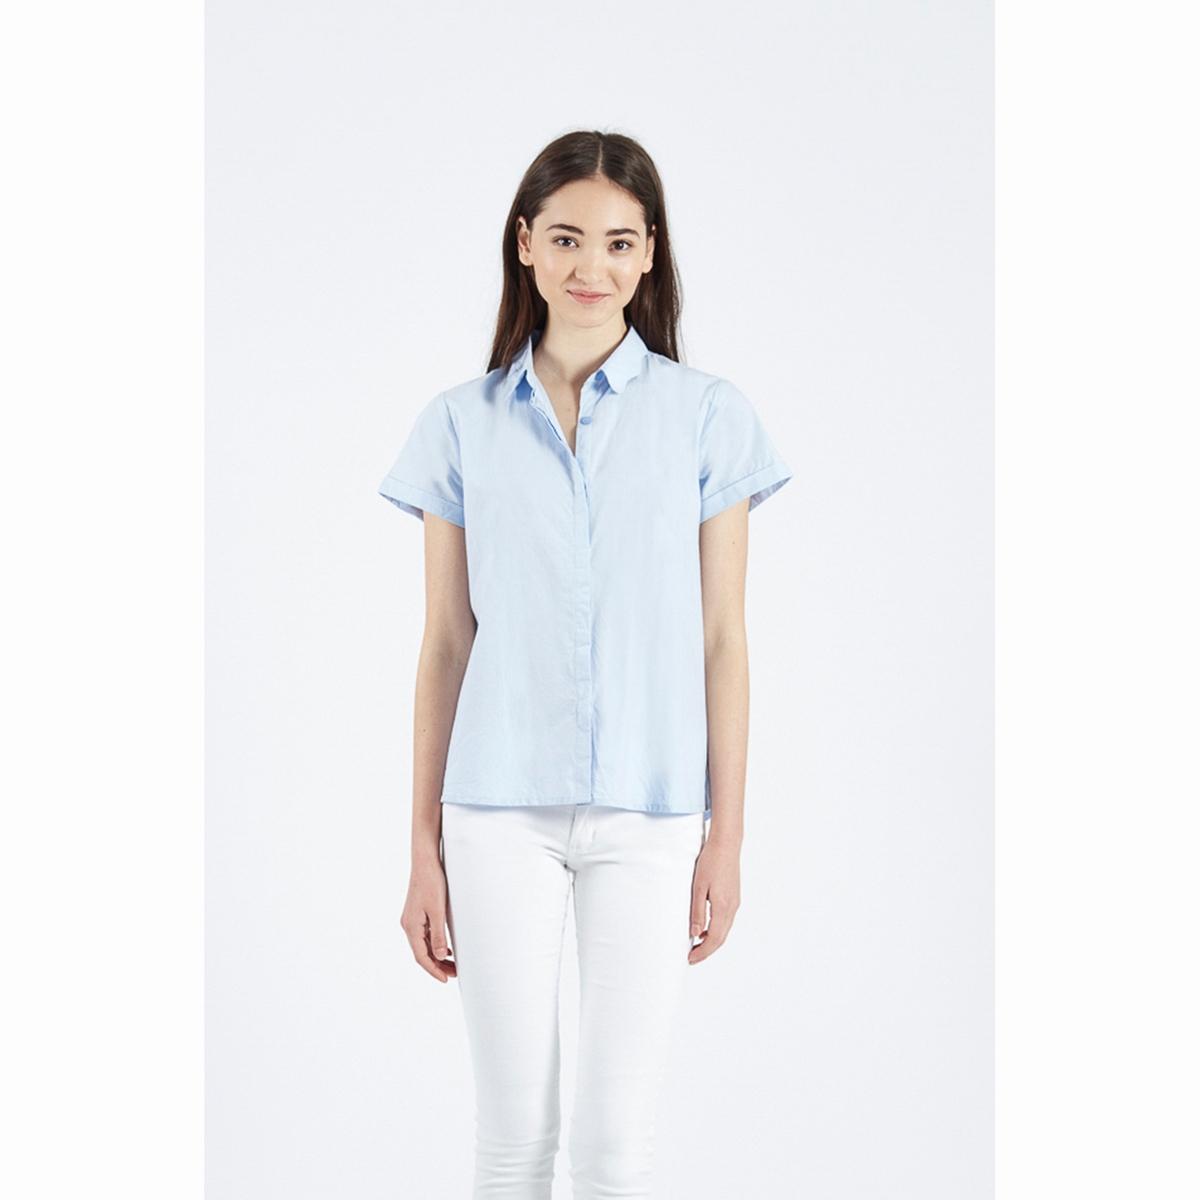 Рубашка Azul PollyРубашка Azul Polly из 100% хлопка. Рубашечный воротник с волнистыми краями. Короткие рукава с отворотами. Супатная застежка на пуговицы спереди . Состав и описаниеМатериалы : 100% хлопокМарка : Compania FantasticaМодель : Camisa Azul PollyУходСледуйте рекомендациям по уходу, указанным на ярлыке изделия<br><br>Цвет: голубой<br>Размер: S.M